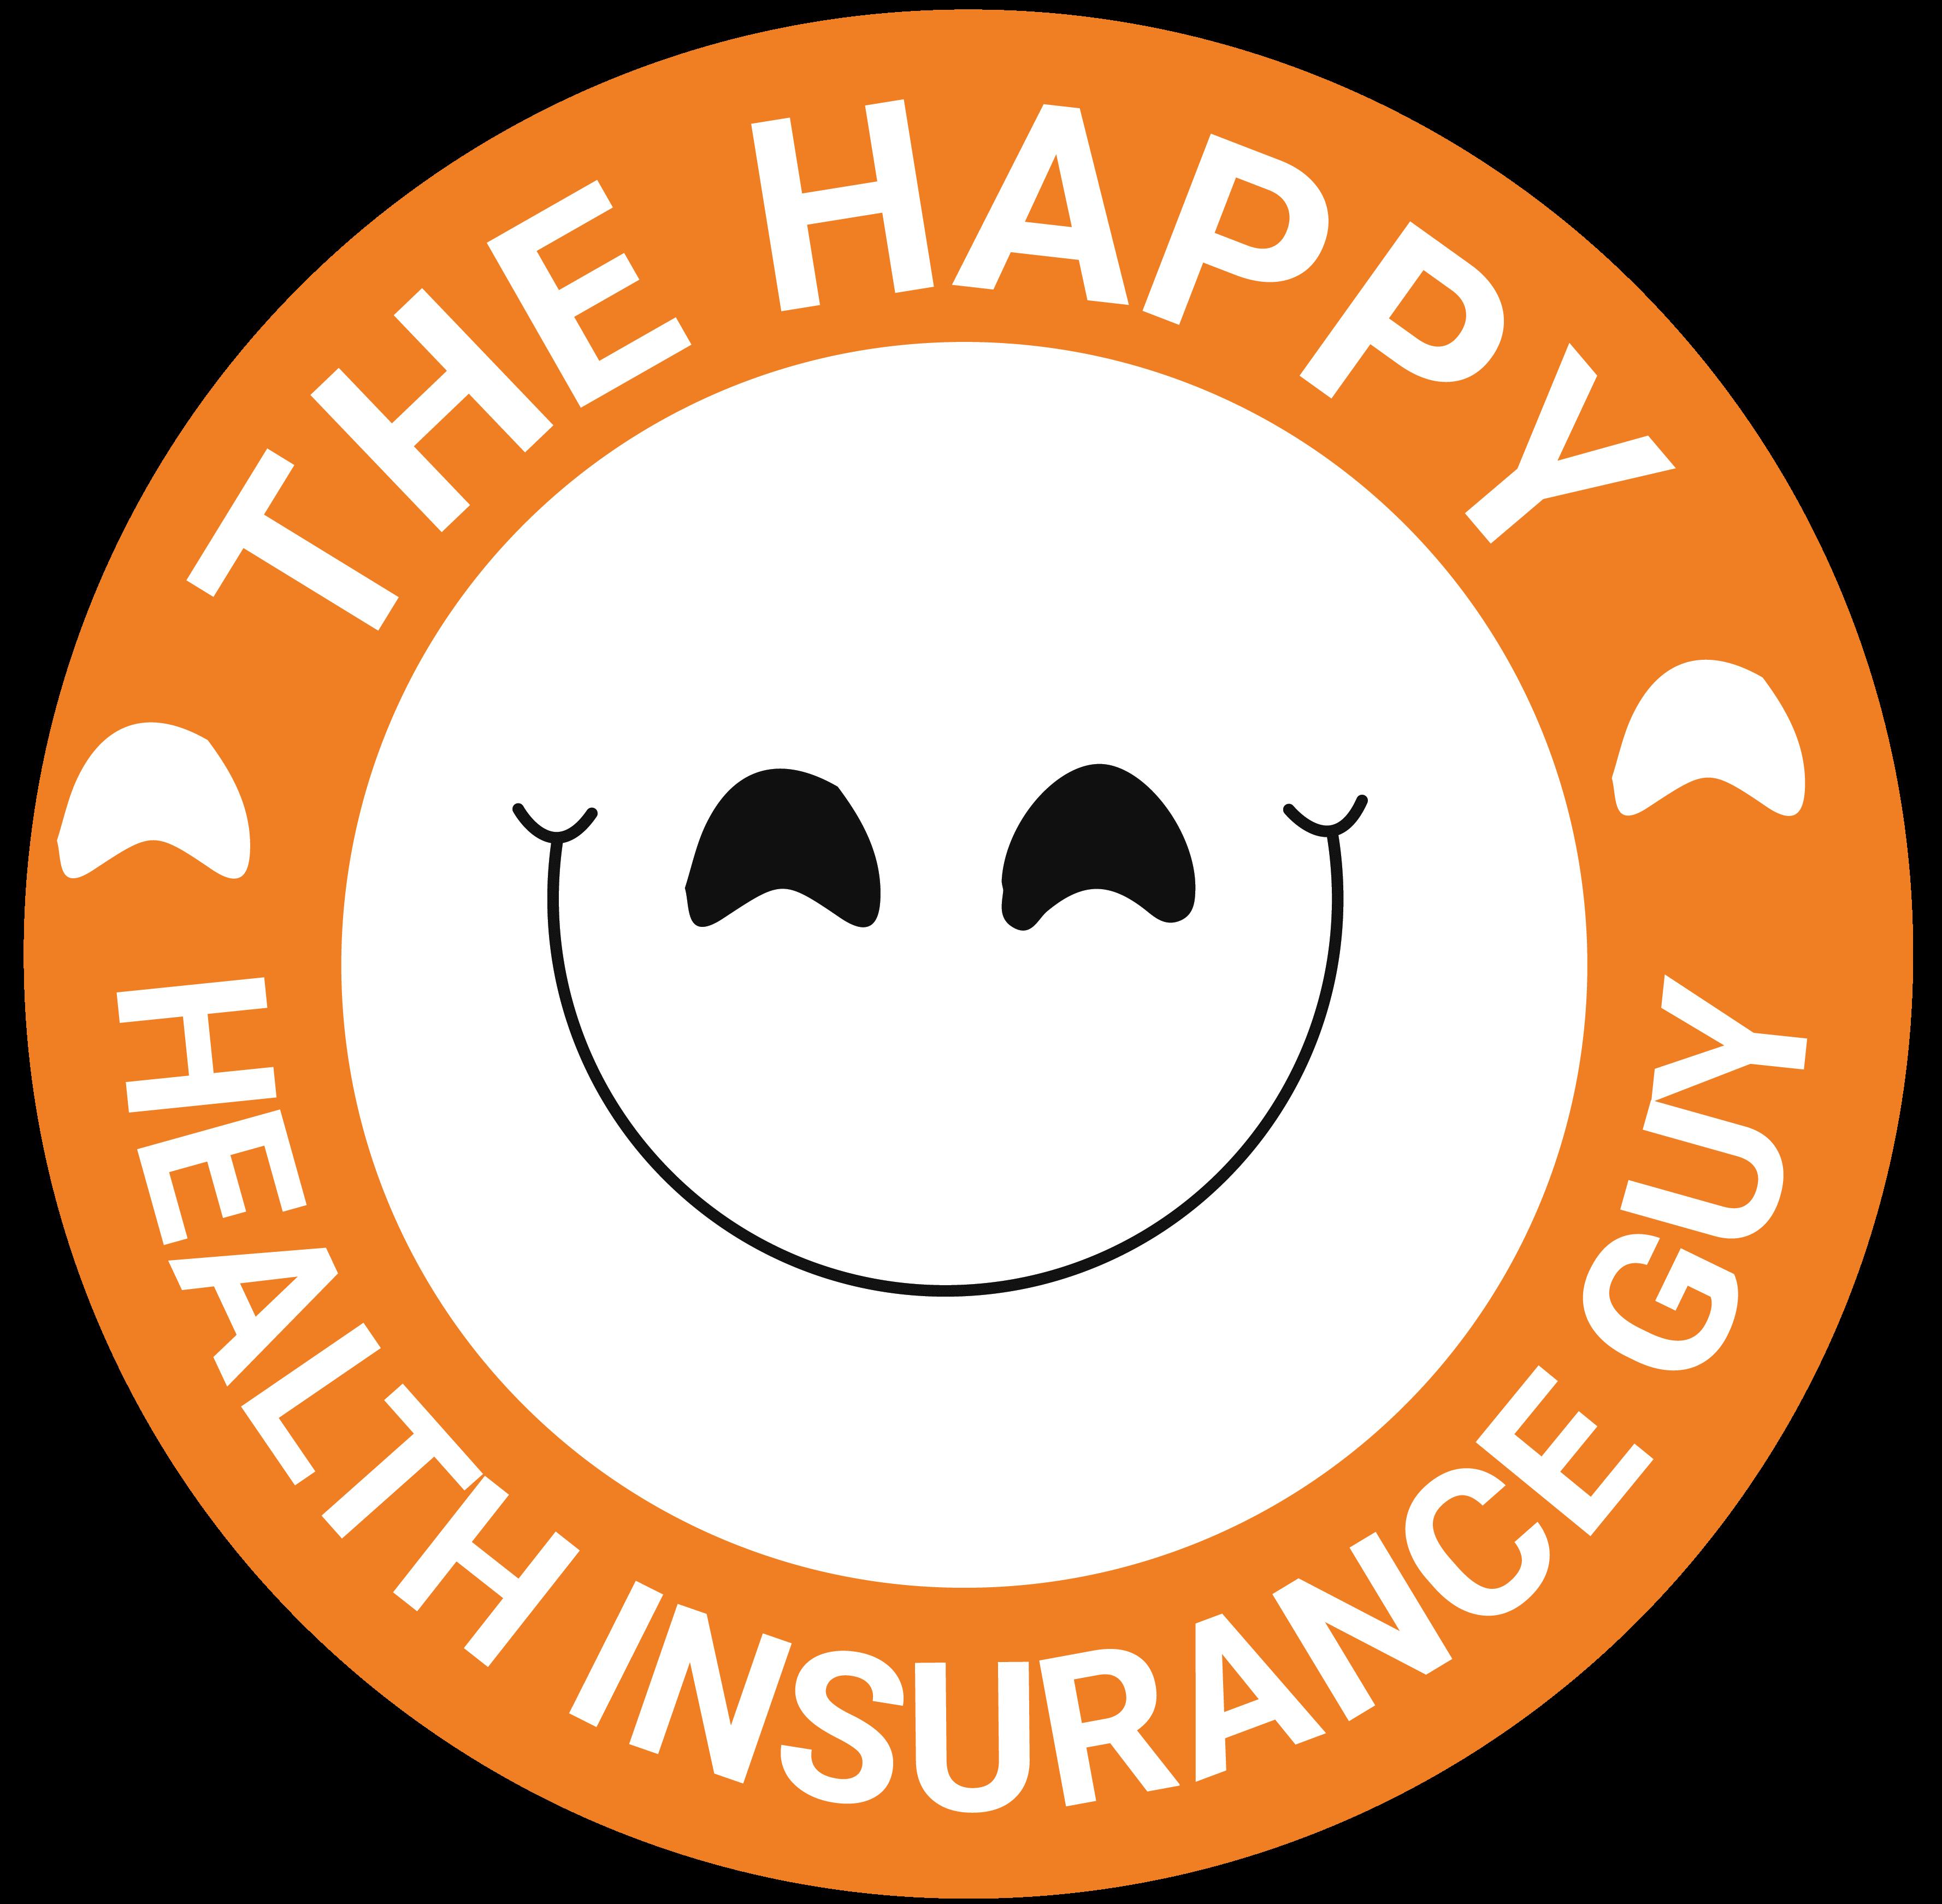 The Happy Health Insurance Guy